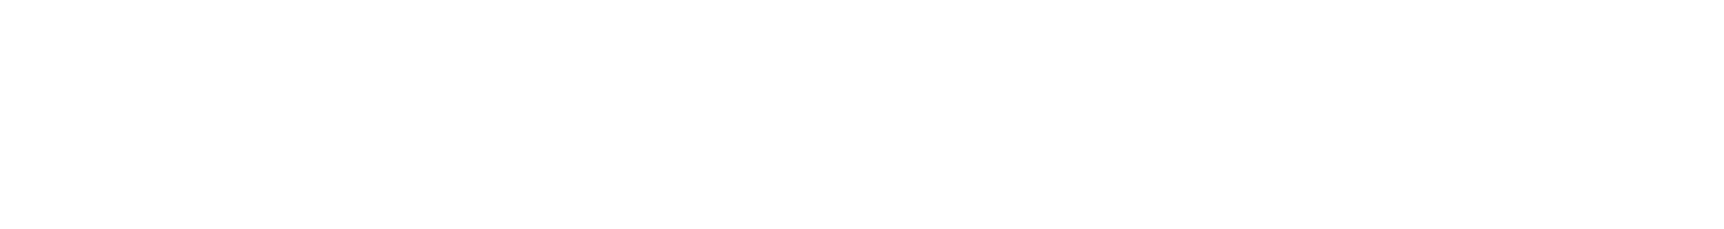 Otrodia.com